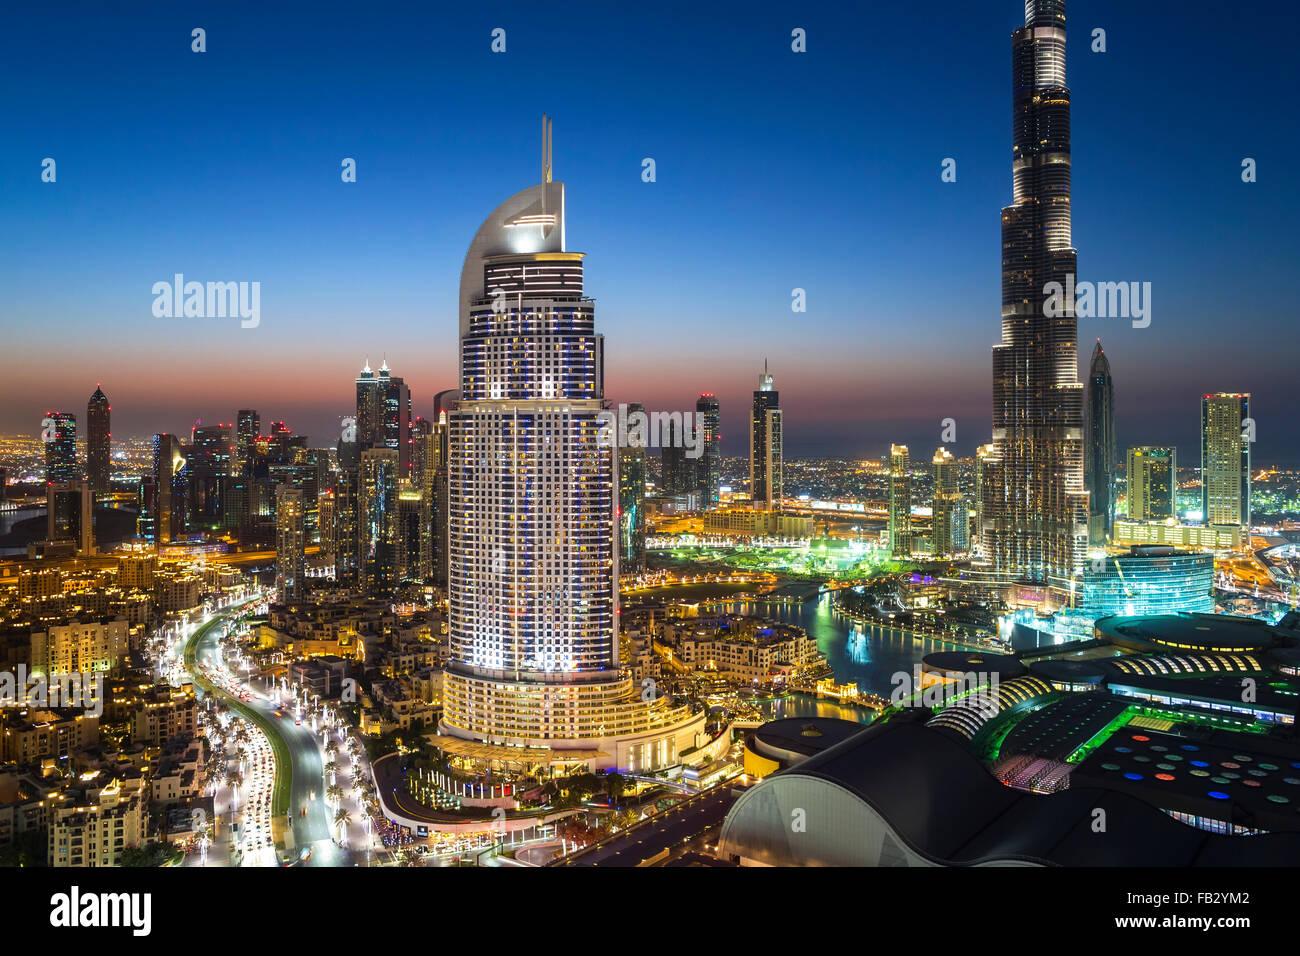 Emirats Arabes Unis, Dubaï, le Burj Khalifa, élevée à la vue sur le centre commercial de Dubaï Photo Stock